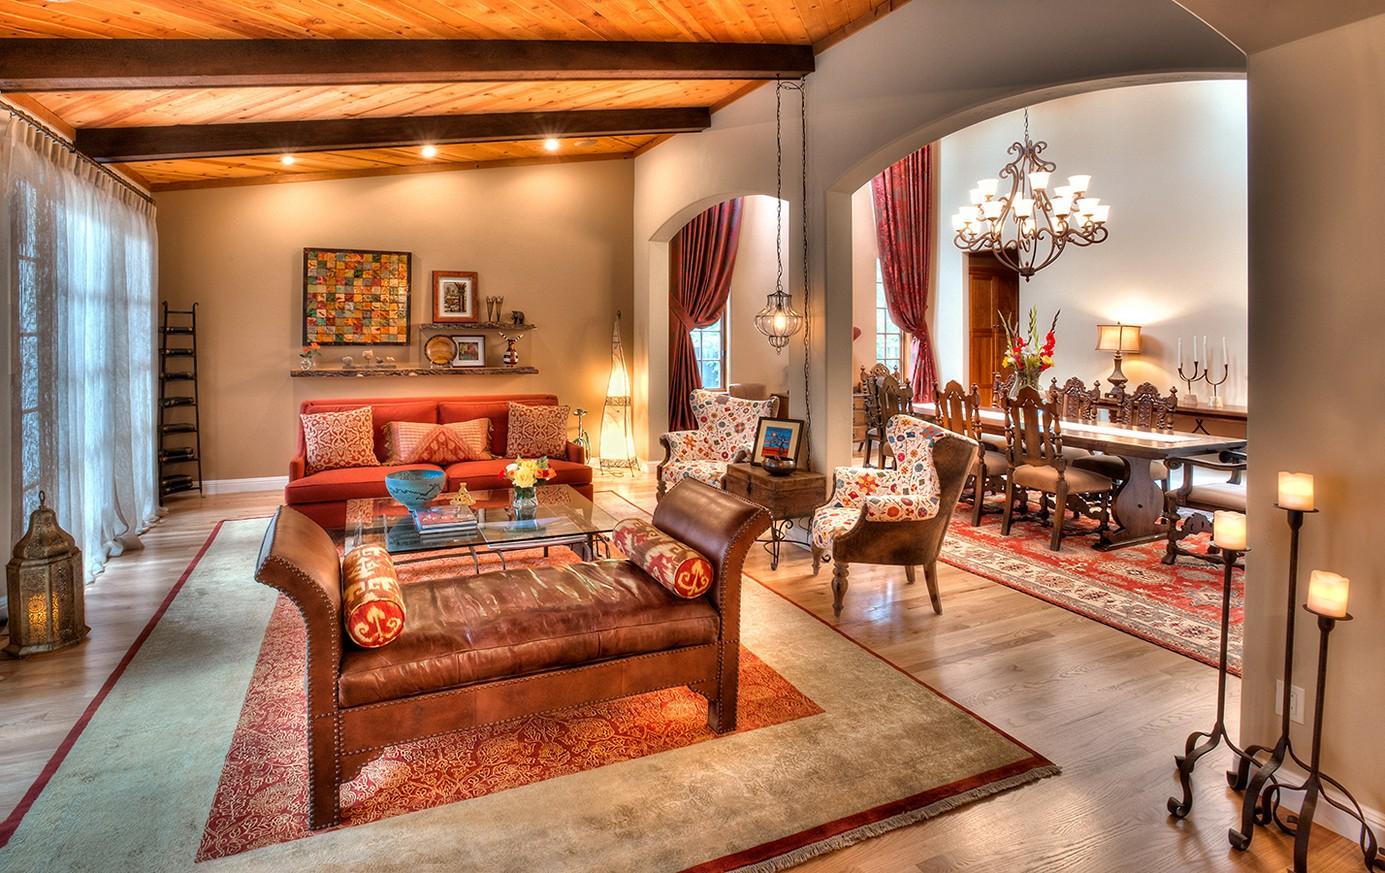 Шикарный интерьер восточной гостиной невозможен без большого красивого ковра